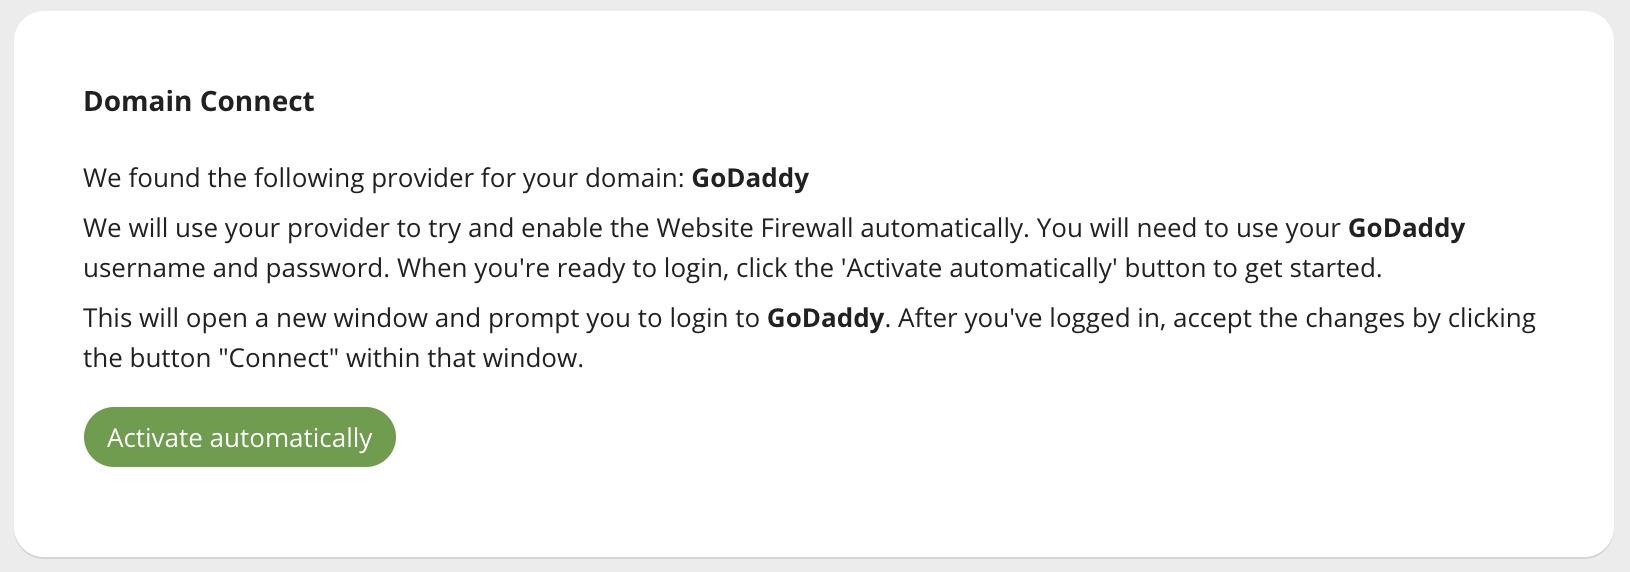 Website Firewall with GoDaddy